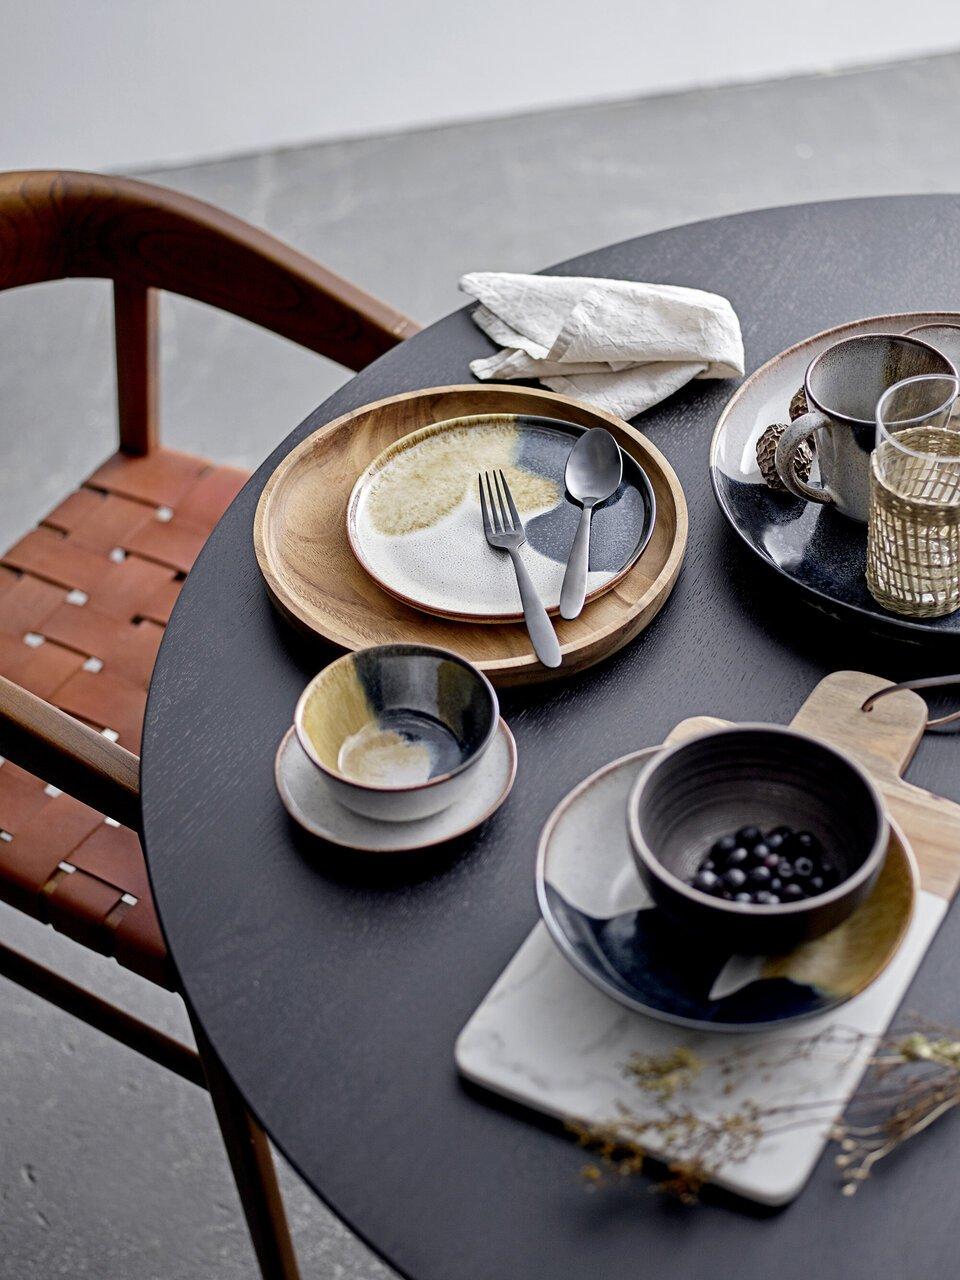 Schön gedeckt für Kaffee und Kuchen